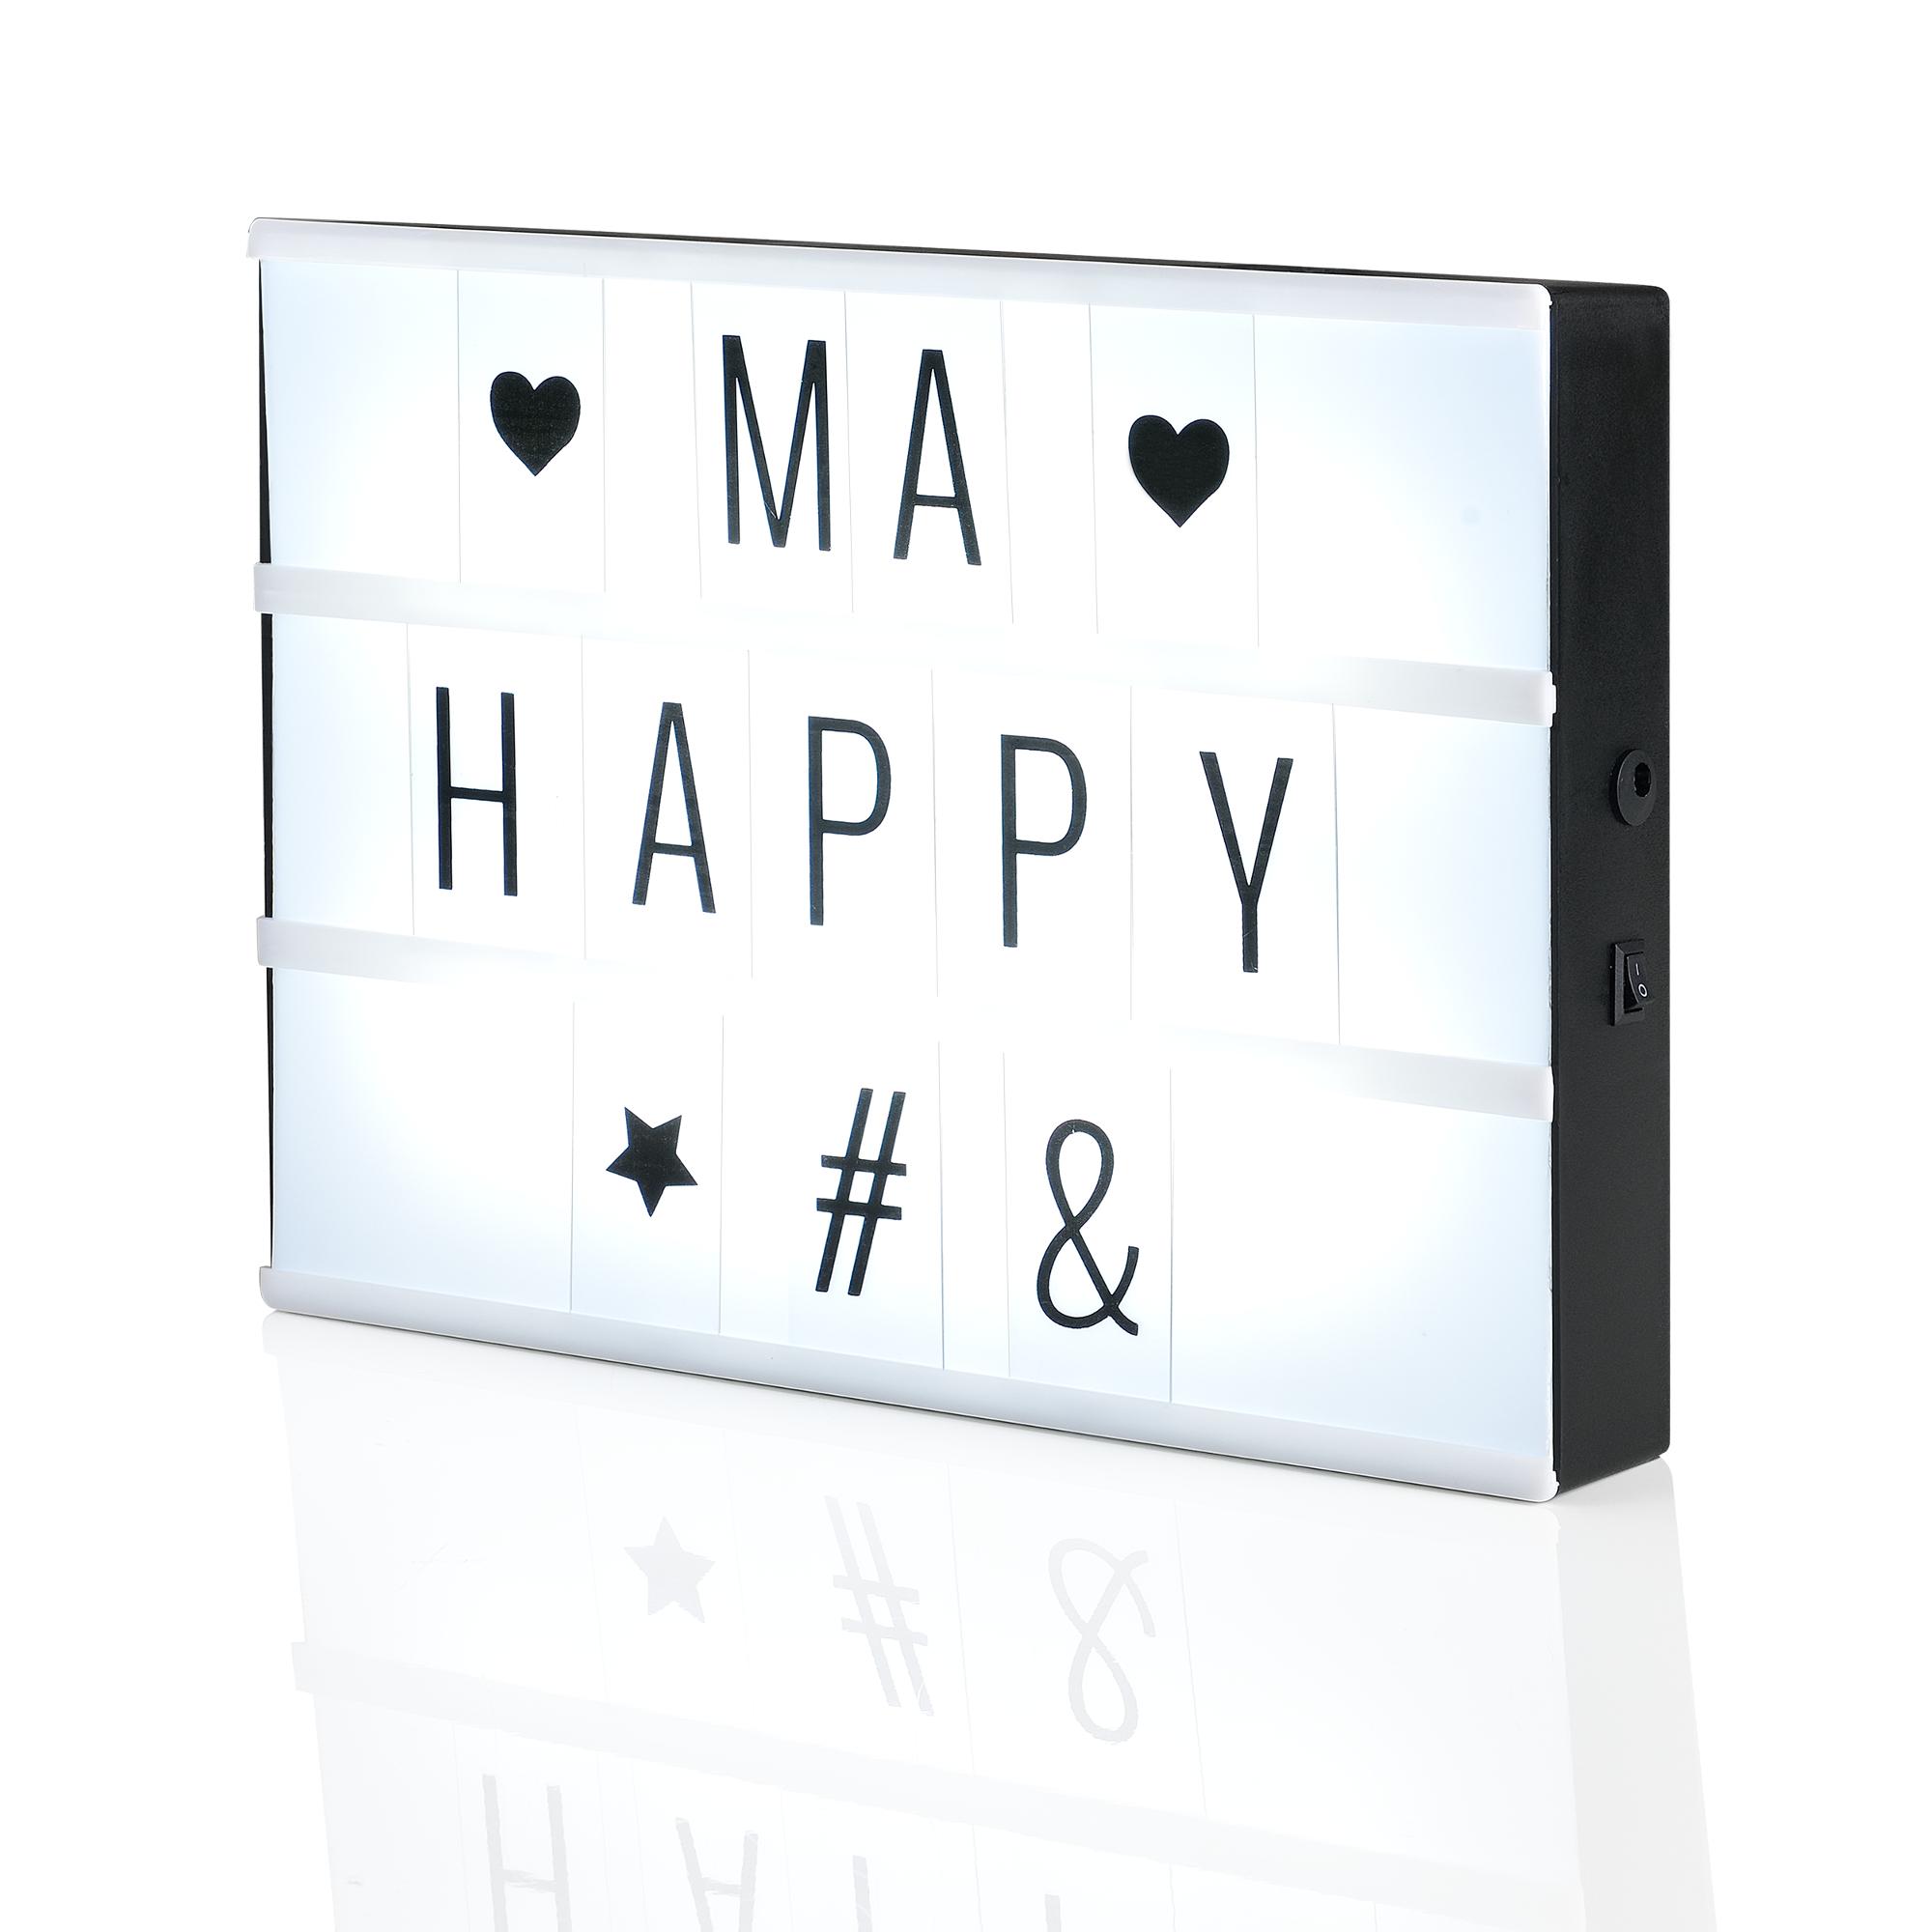 led leucht kasten lichtbox leuchtschild kino leuchte deko lichttafel a4 4251155587823. Black Bedroom Furniture Sets. Home Design Ideas